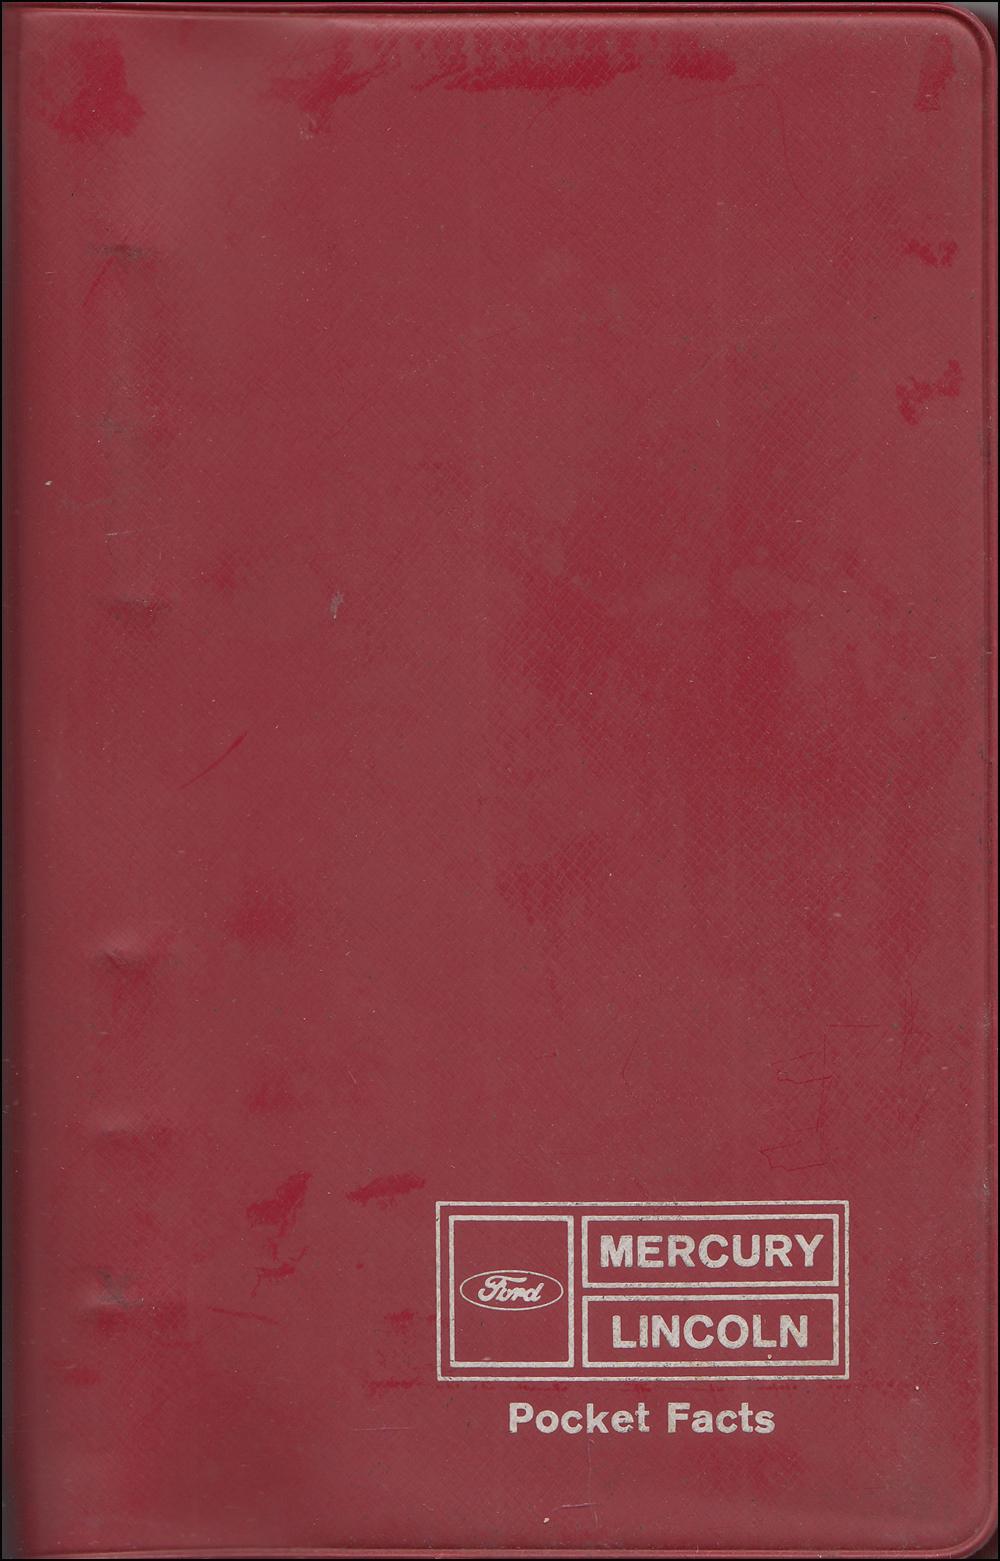 1968 Mercury Sales Catalog Original